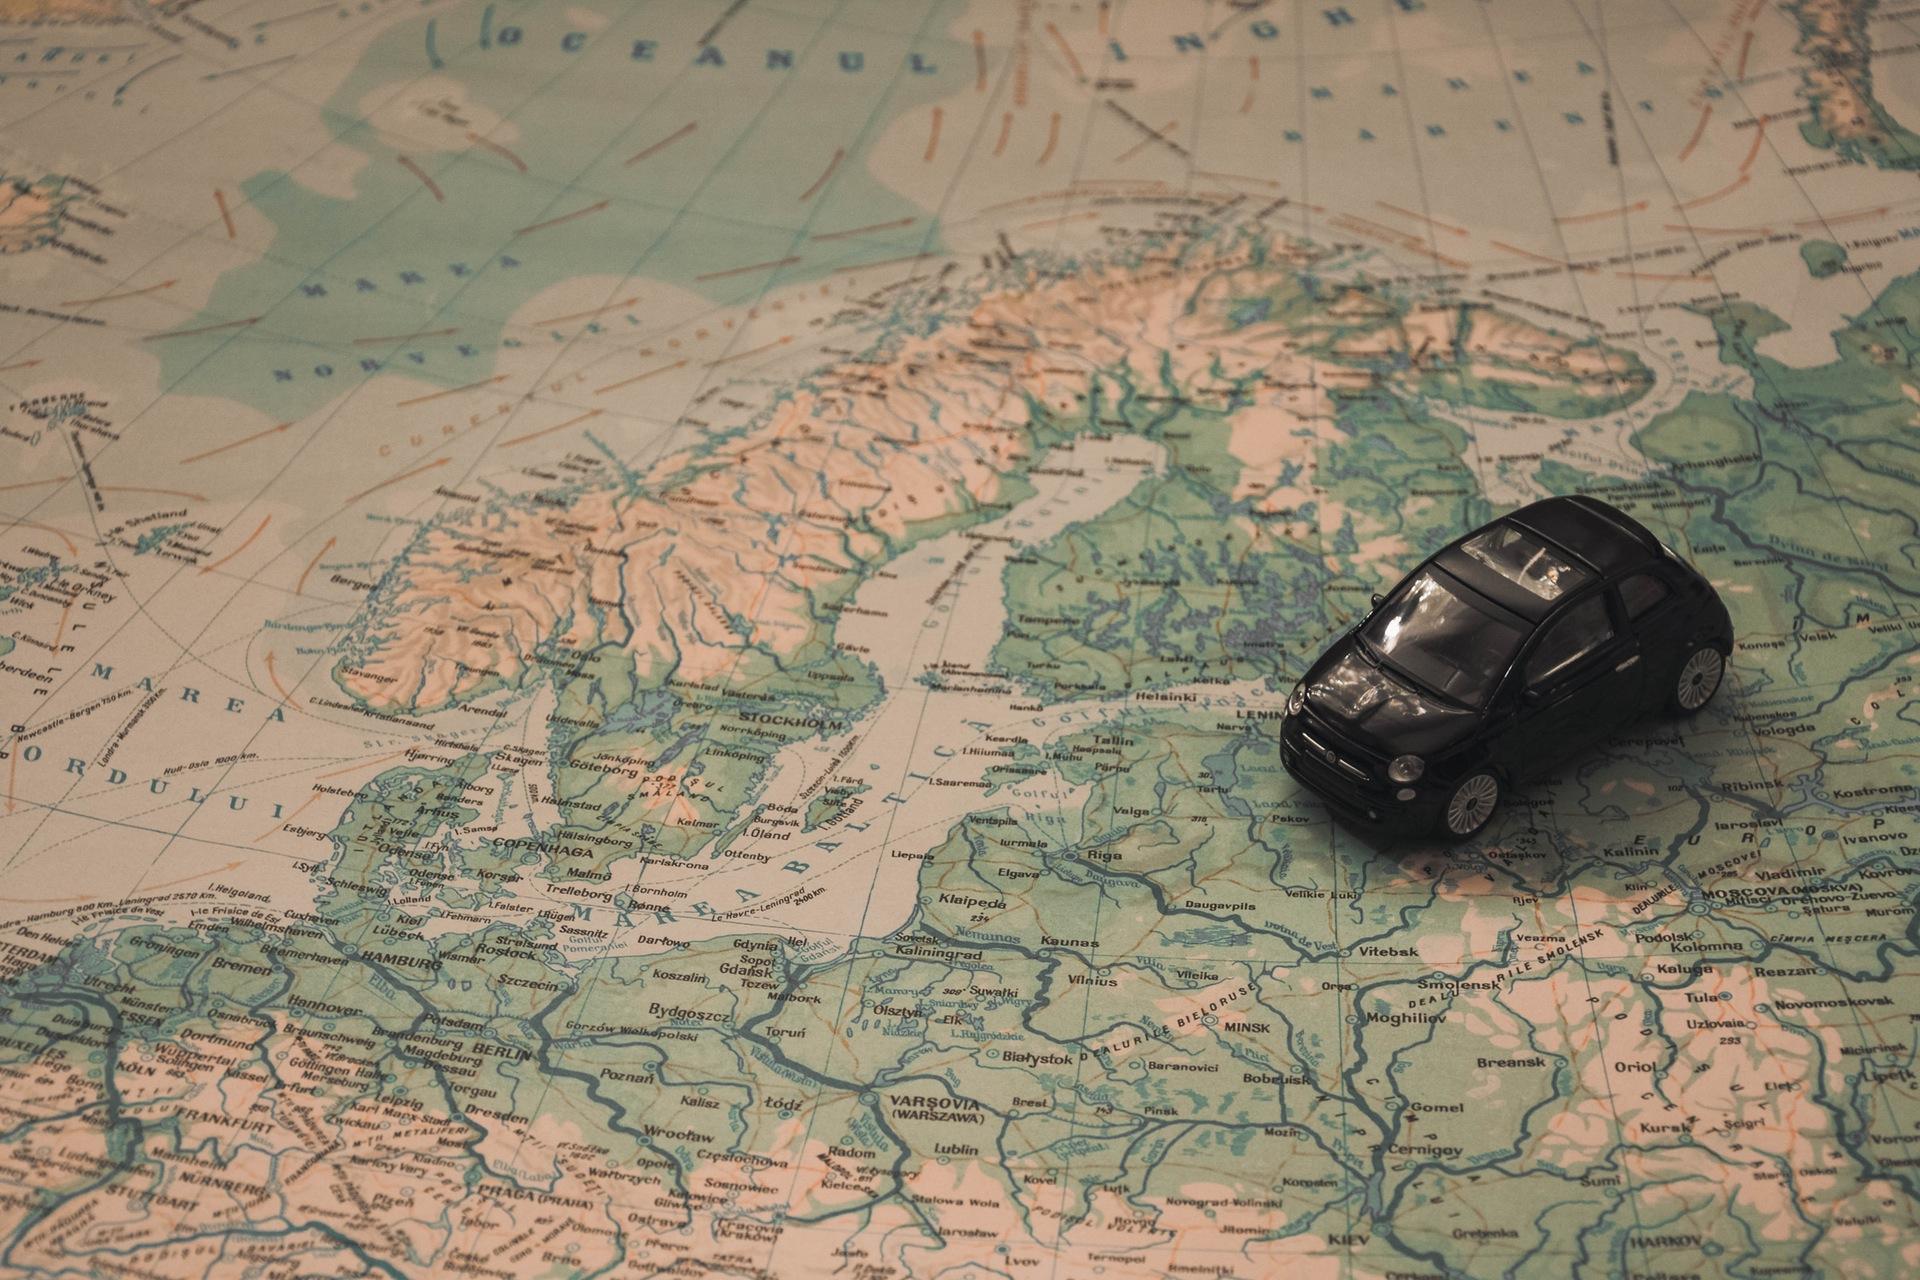 carte, voiture, Itinéraire, Aventure, voyage, Jouet - Fonds d'écran HD - Professor-falken.com